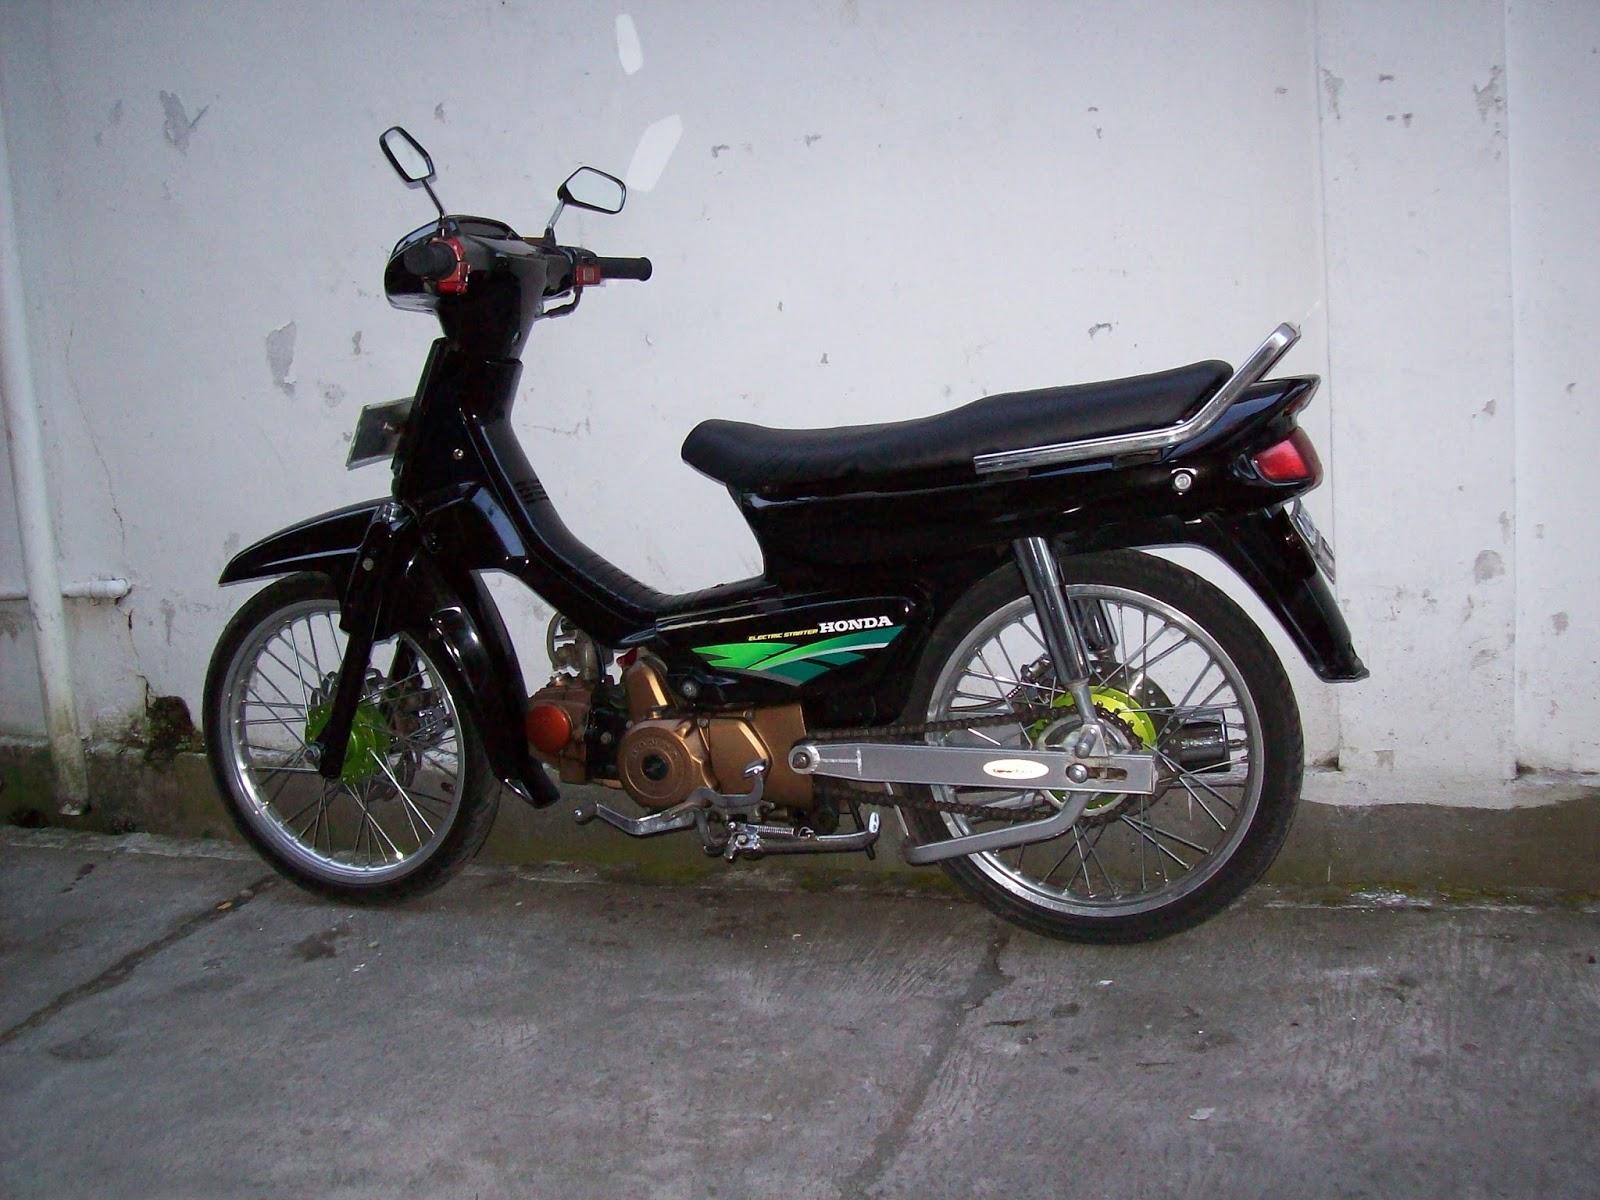 Download 53 Cara Modifikasi Motor Honda Legenda Terbaru Dan